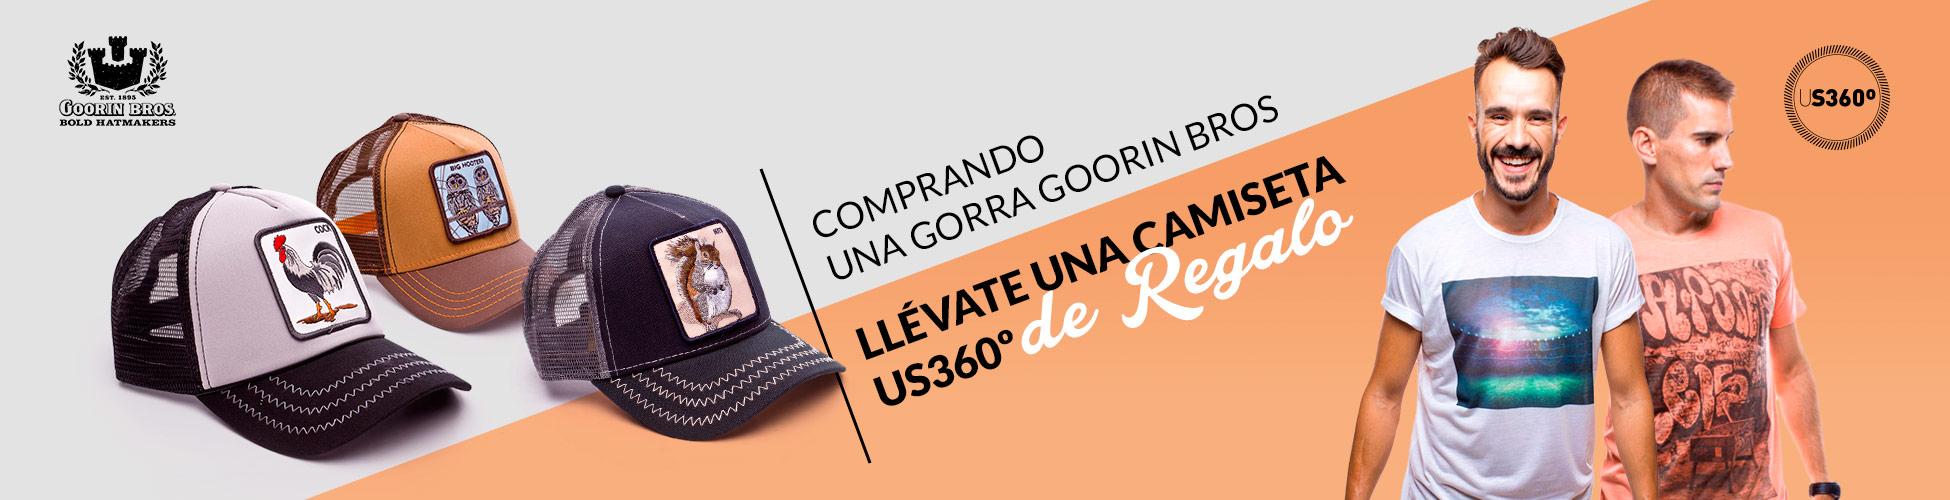 Pack Gorras Goorin Bros + US360